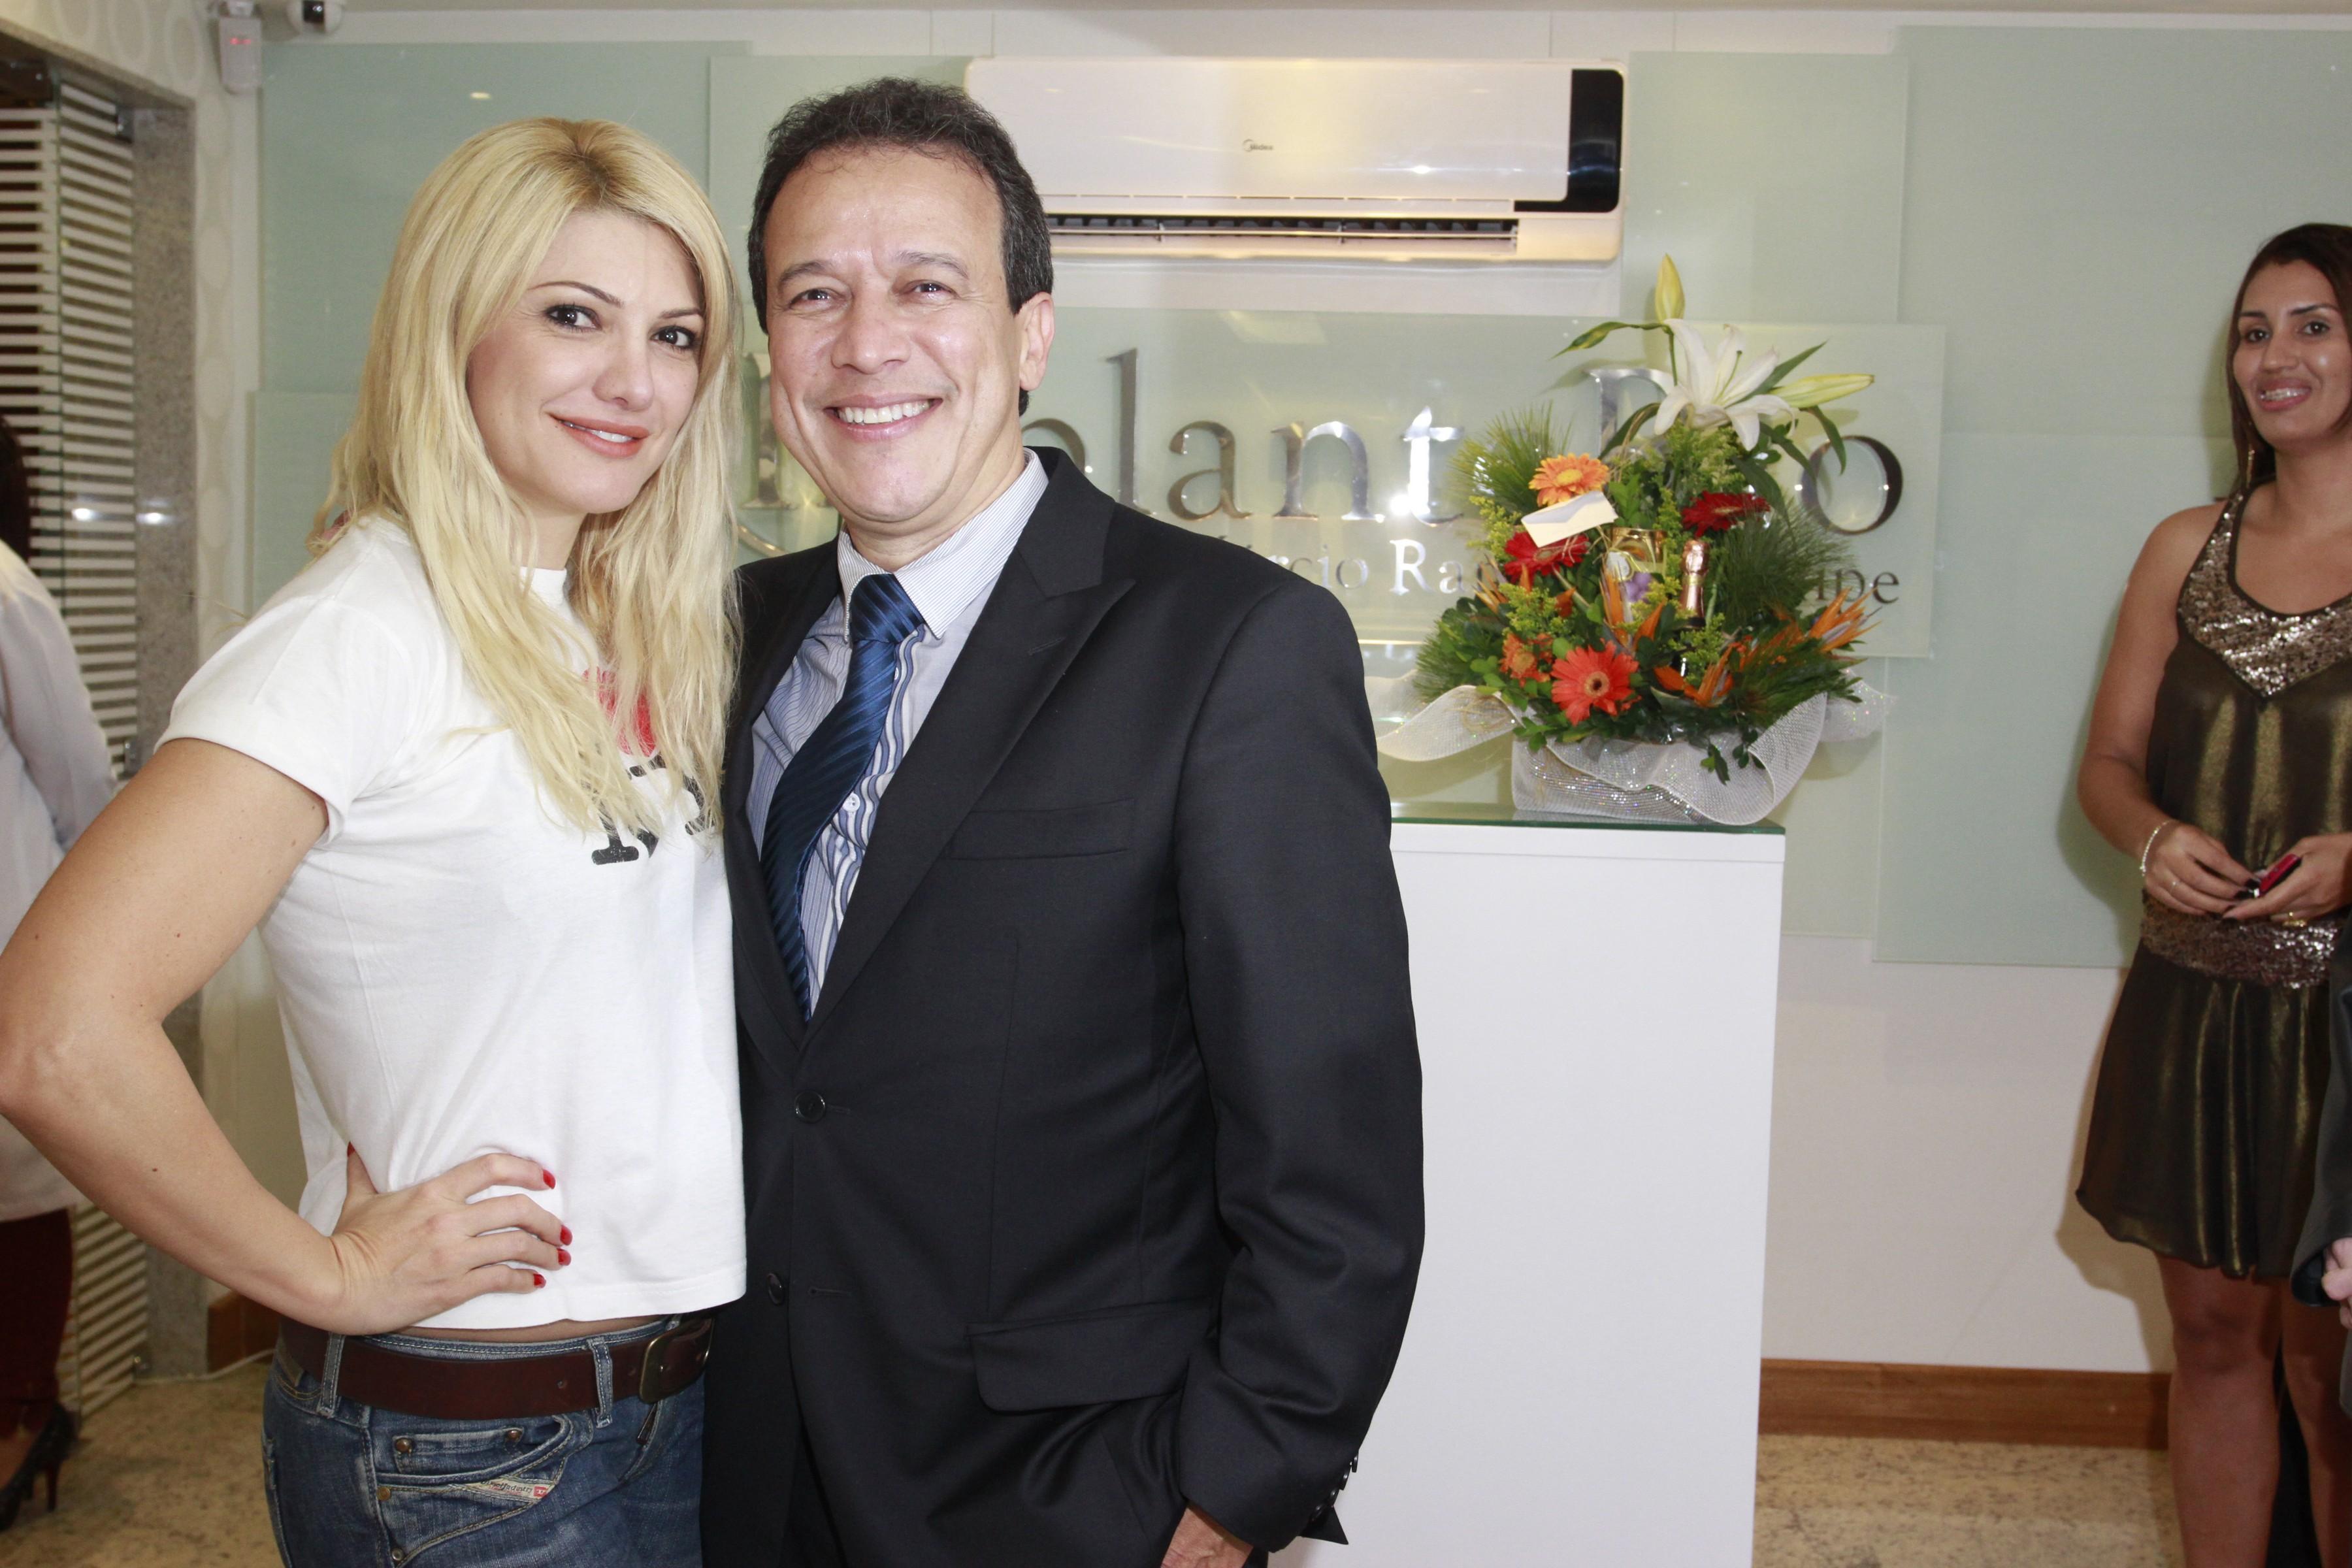 Antônia Fontenelle marca presença na inauguração da nova filial da Implante Rio na Barra